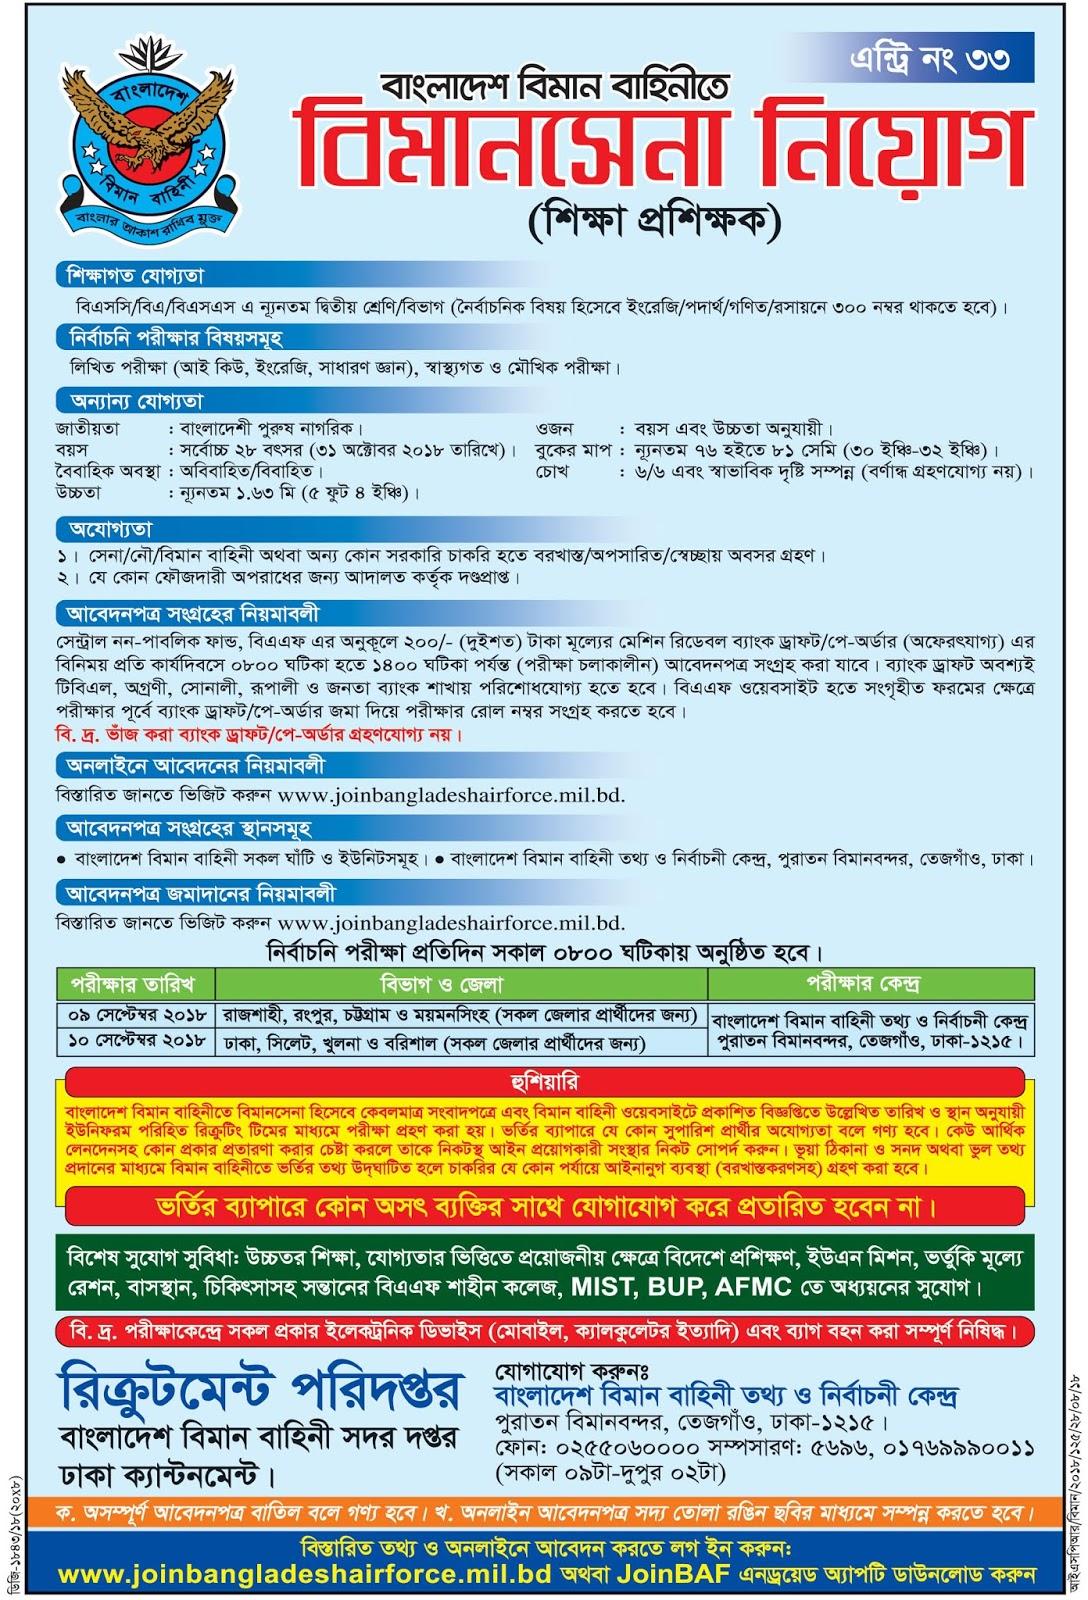 Bangladesh Air Force Airman (Education Trainer) entry-33 Recruitment Circular 2018